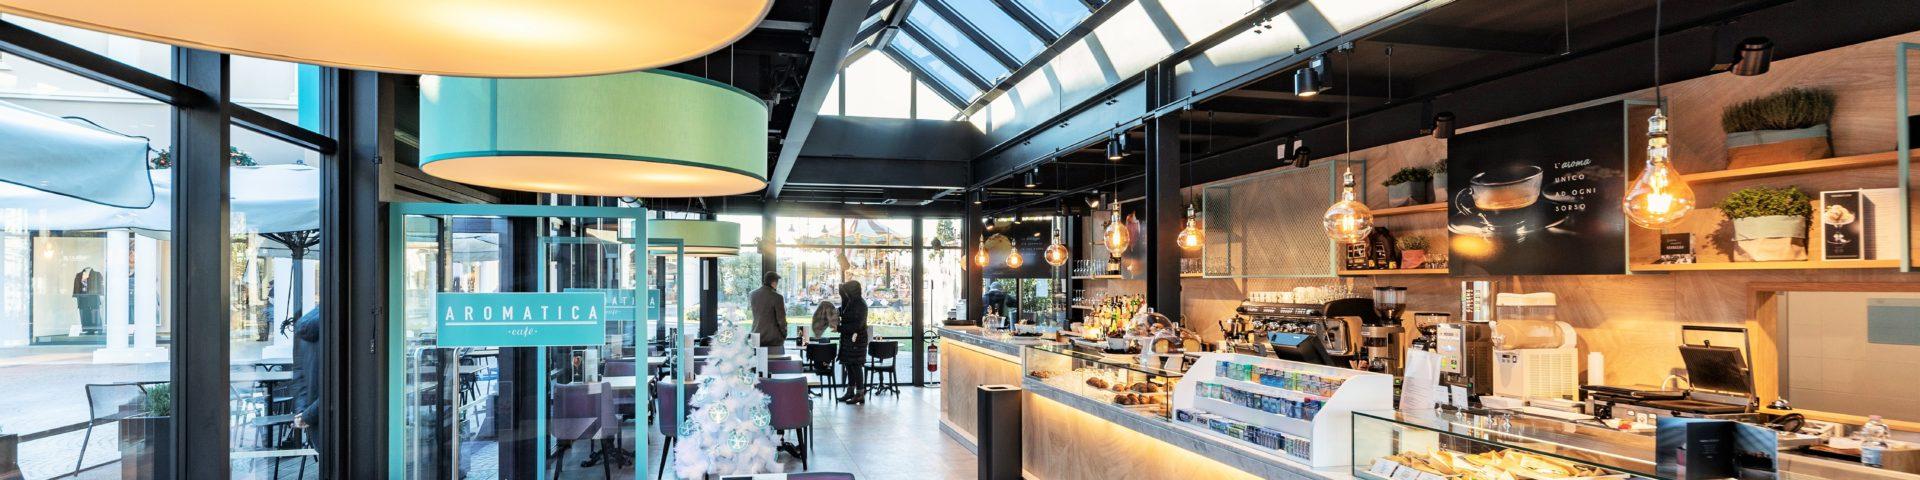 Aromatica Cafè - Mantova Outlet Village | MARCOBEOLCHI